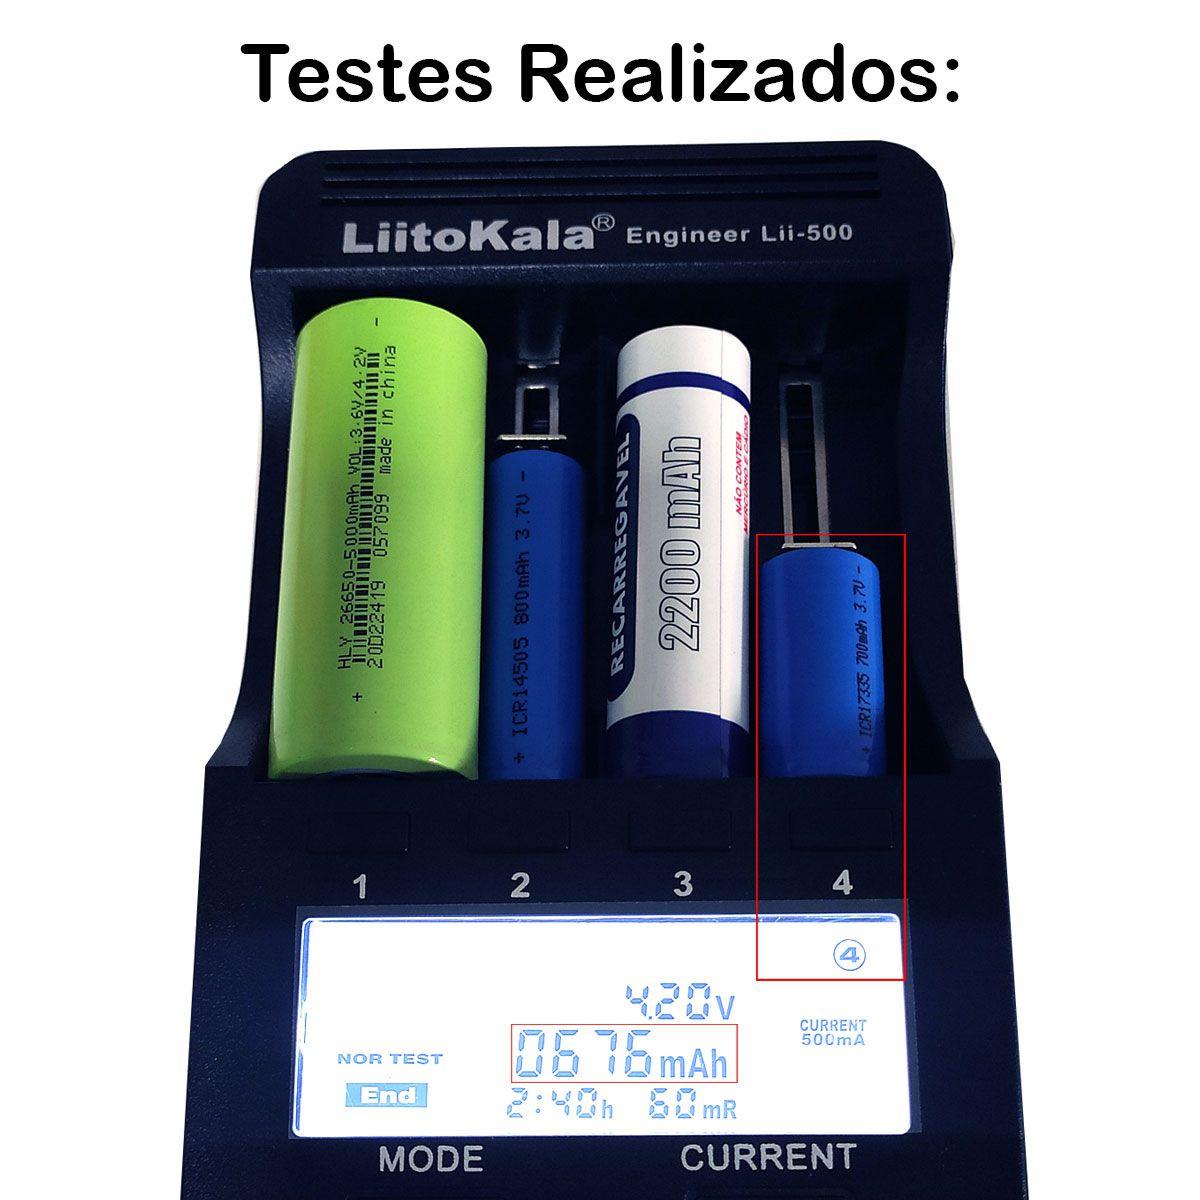 1x Bateria 3,7V ICR 17335 de Lítio Recarregável